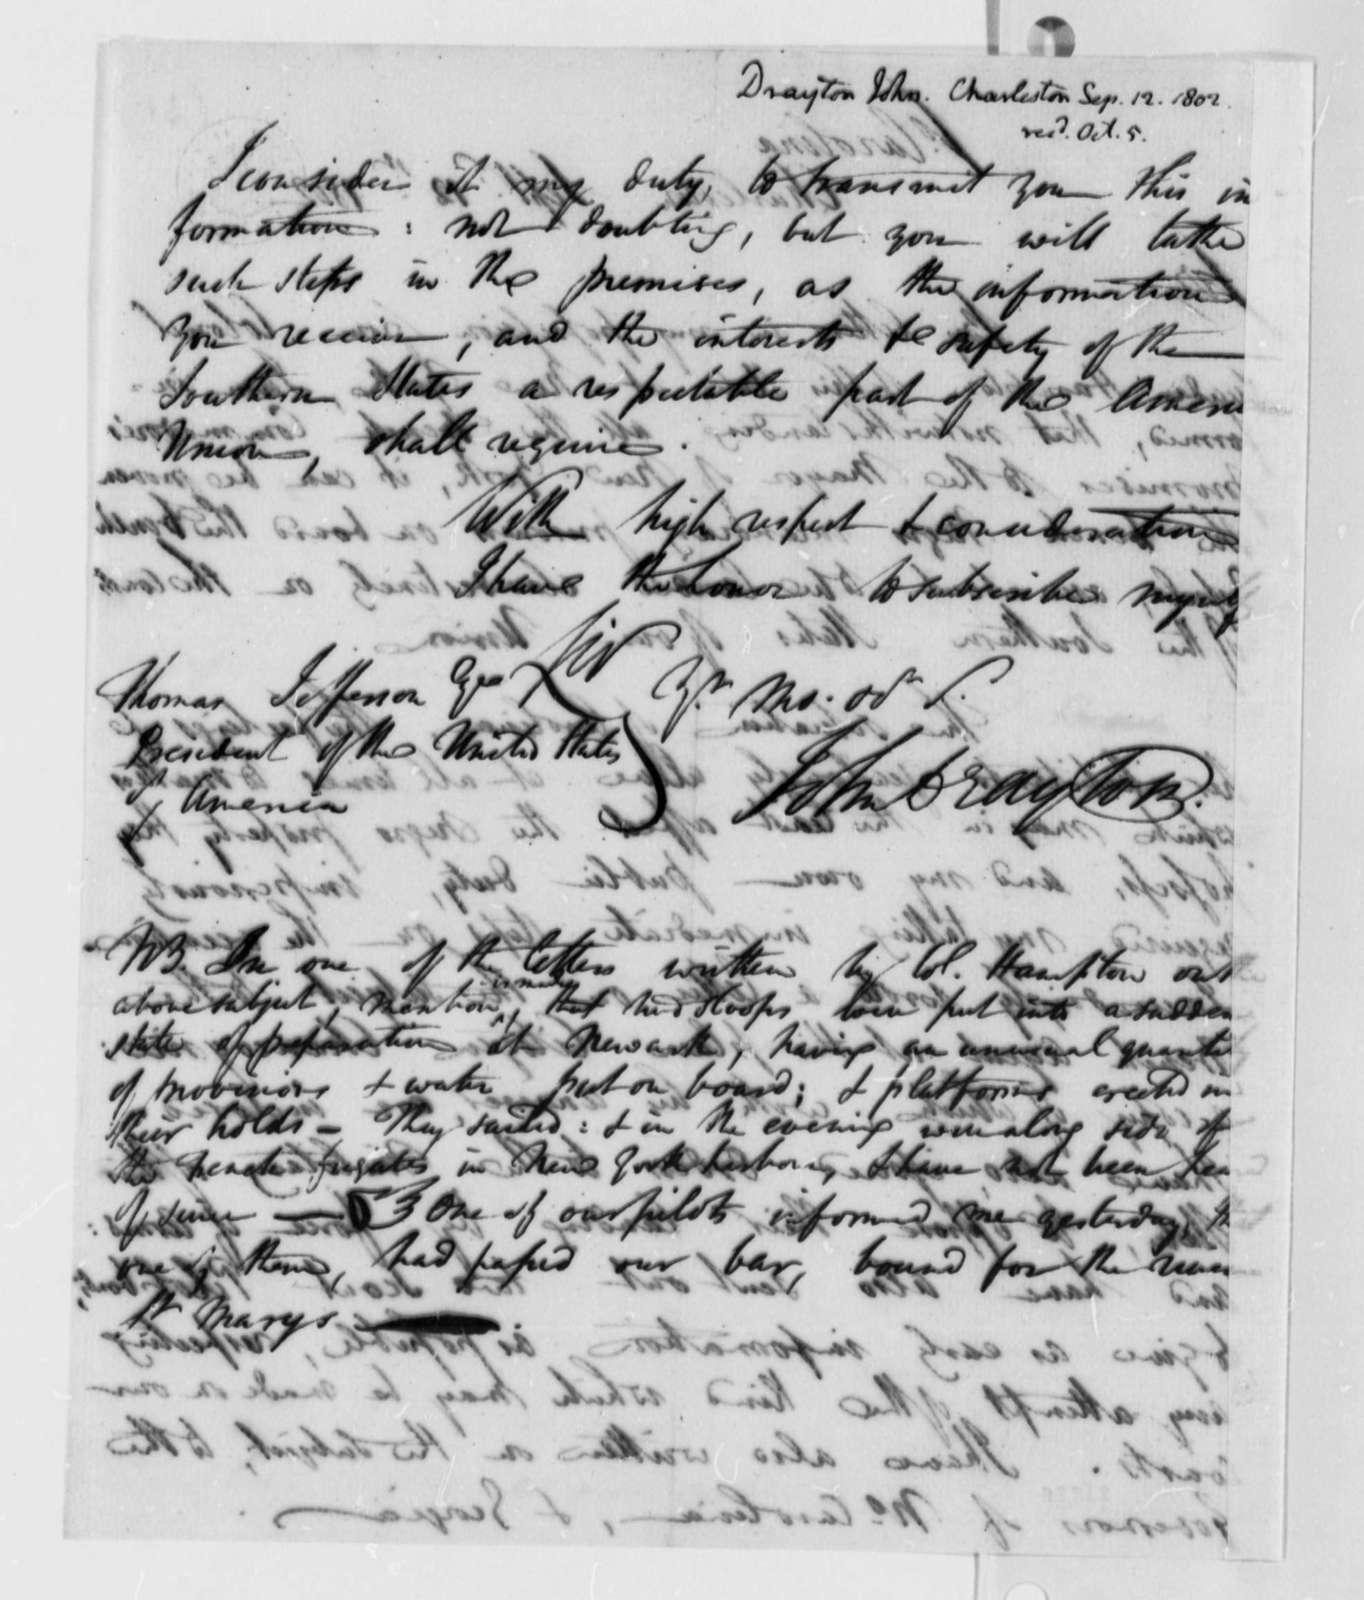 John Crayton to Thomas Jefferson, September 12, 1802